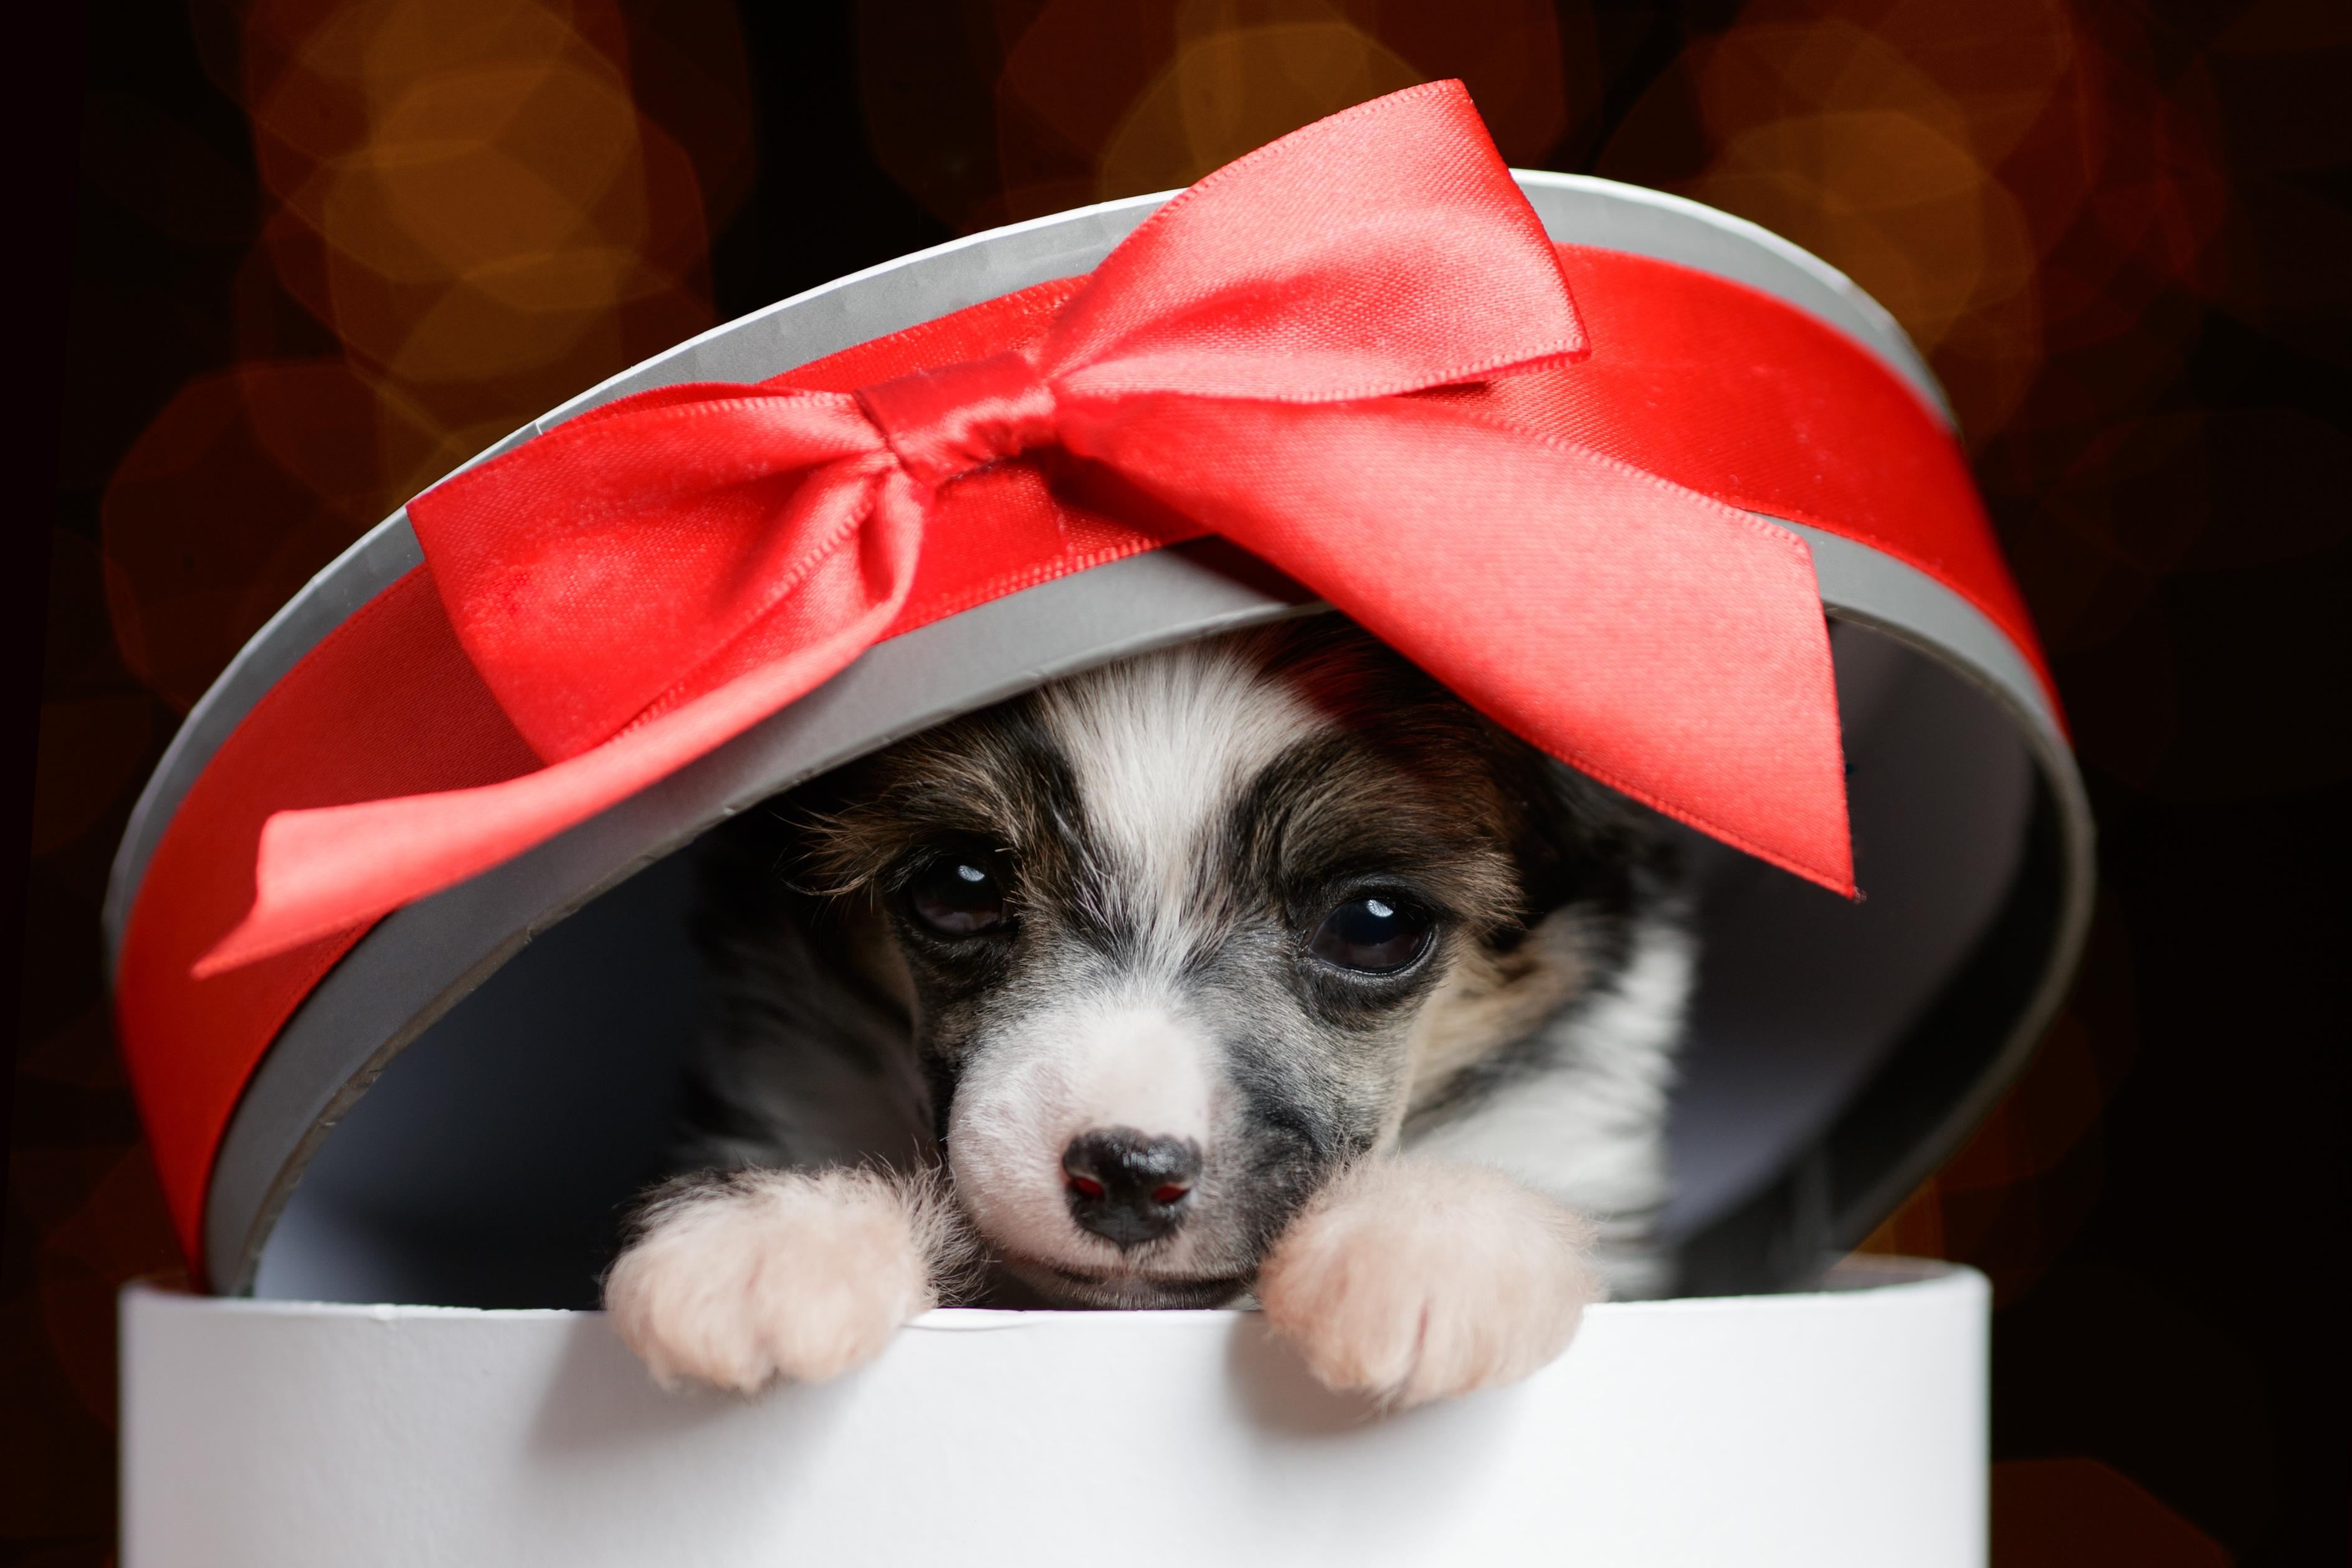 ''Žival je velika odgovornost, ne božično darilo''